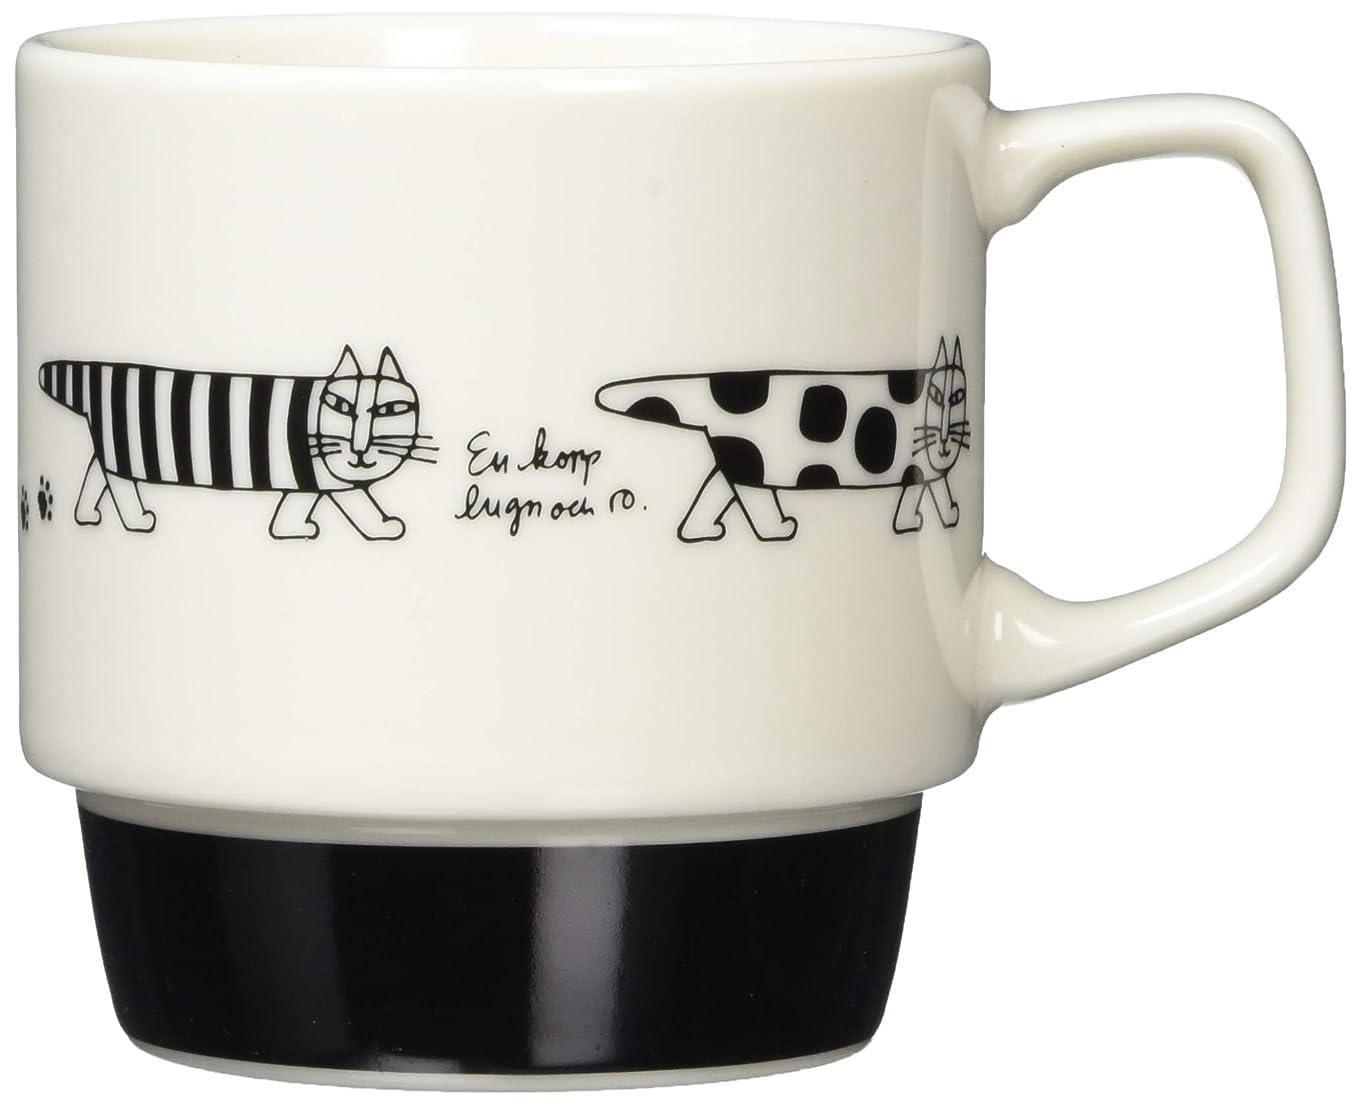 製造業抑止する低下BASIC STANDARD 陶器の おしゃれ な マグカップ (食洗機、電子レンジ対応)